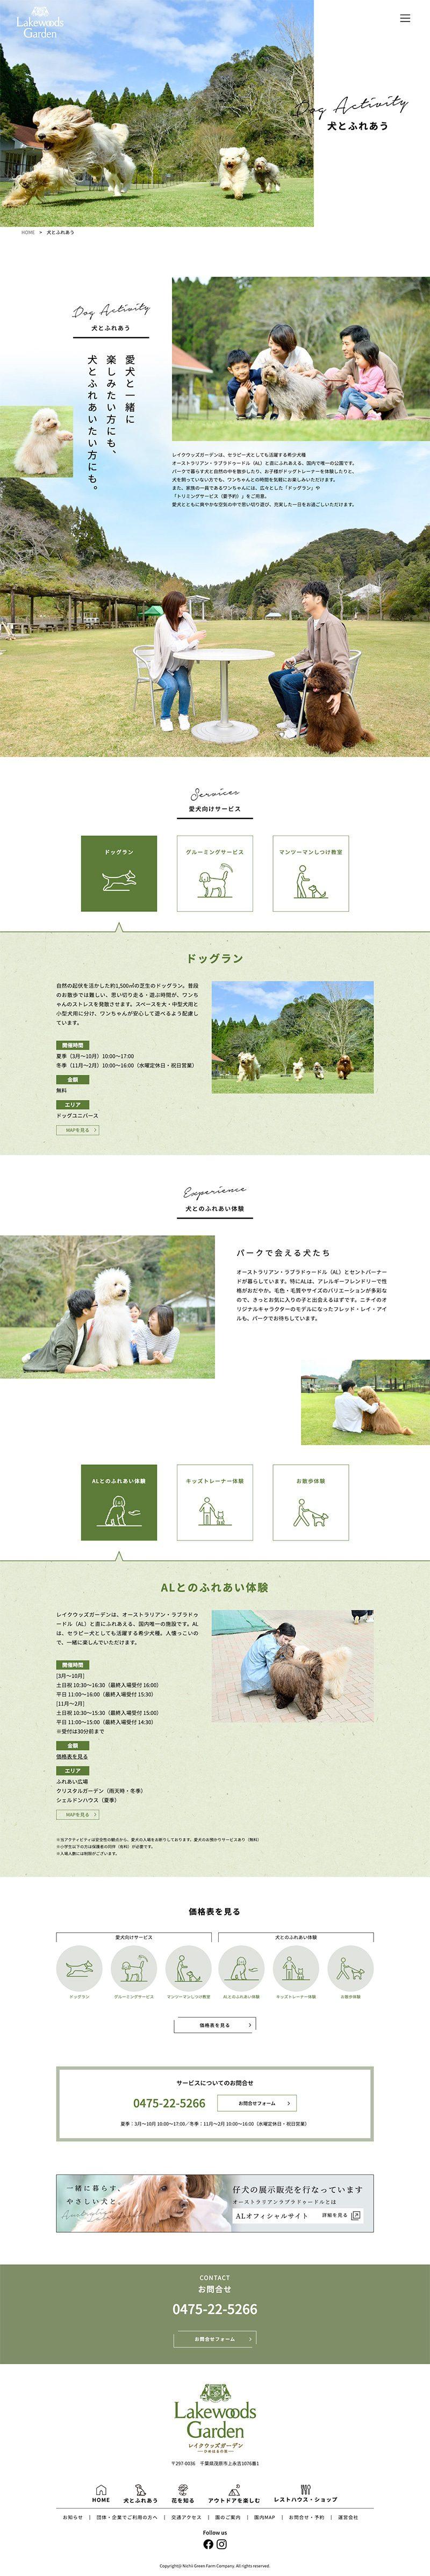 犬と花のテーマパーク「レイクウッズガーデン」の特設サイト